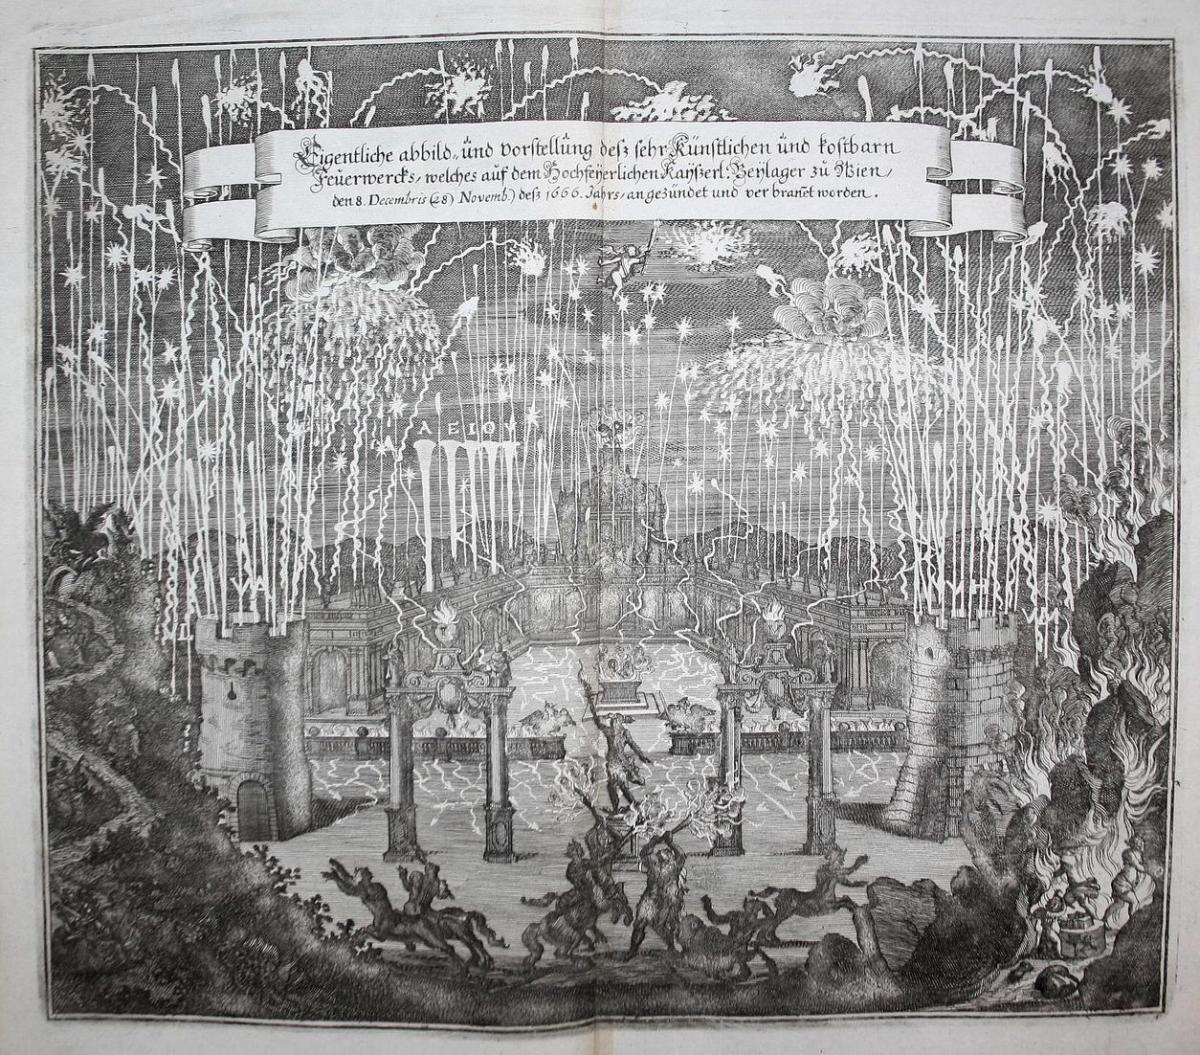 Eigentliche Abbild und Vorstellung dess sehr künstlichen und kostbarn Feuerwercks, welches auf dem hochfeyerli 0